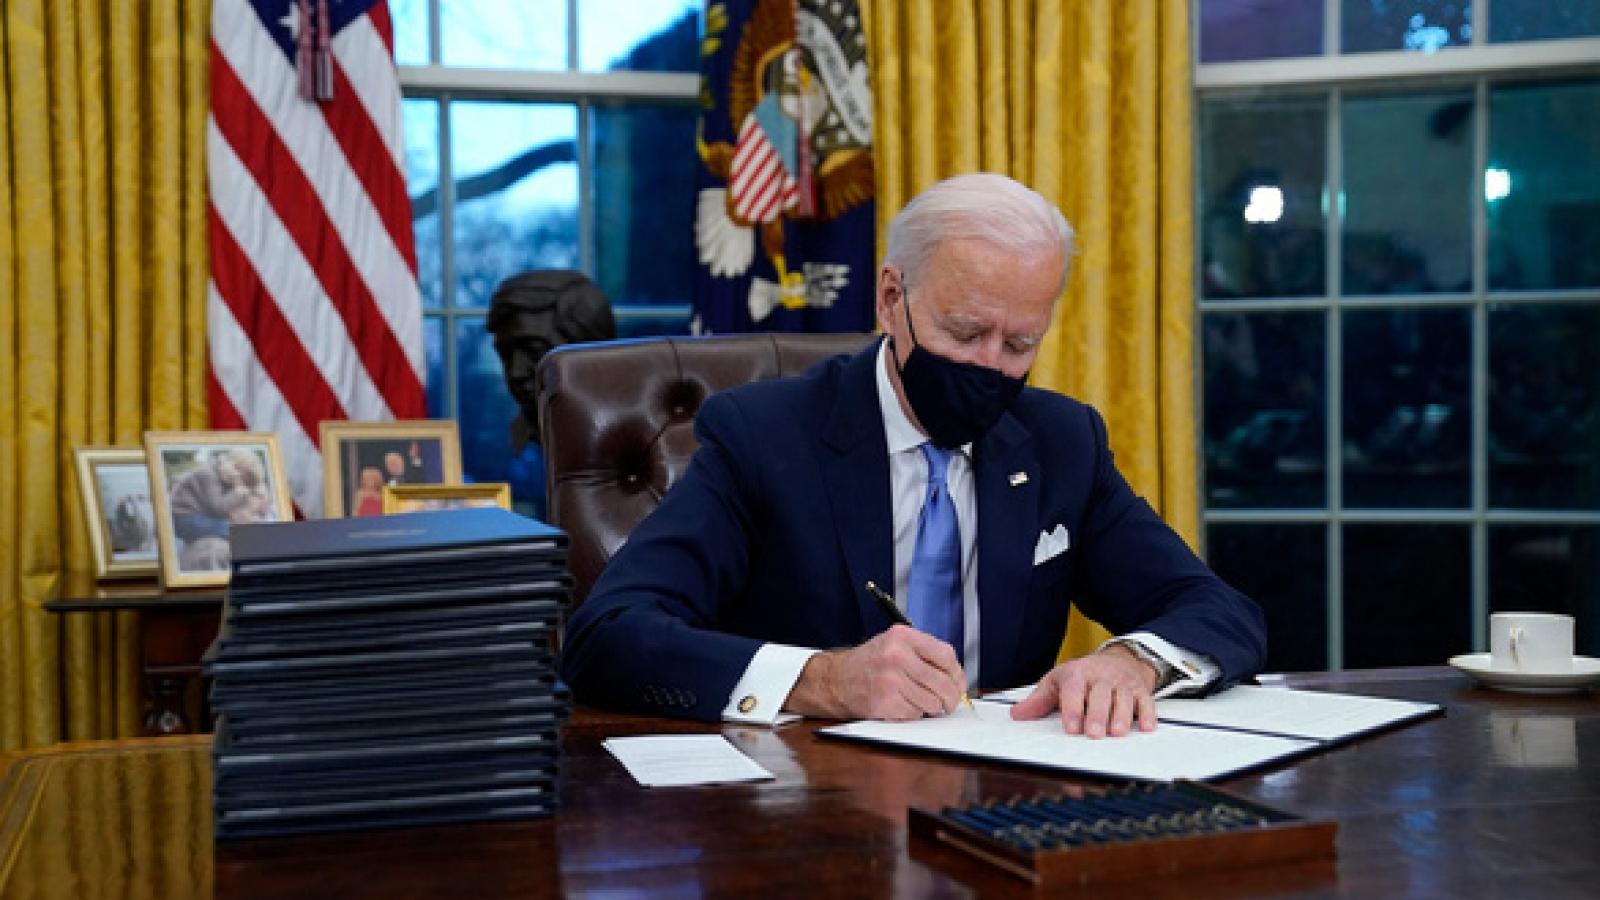 Cách bài trí phòng Bầu Dục tiết lộ phong cách làm việc của ông Biden